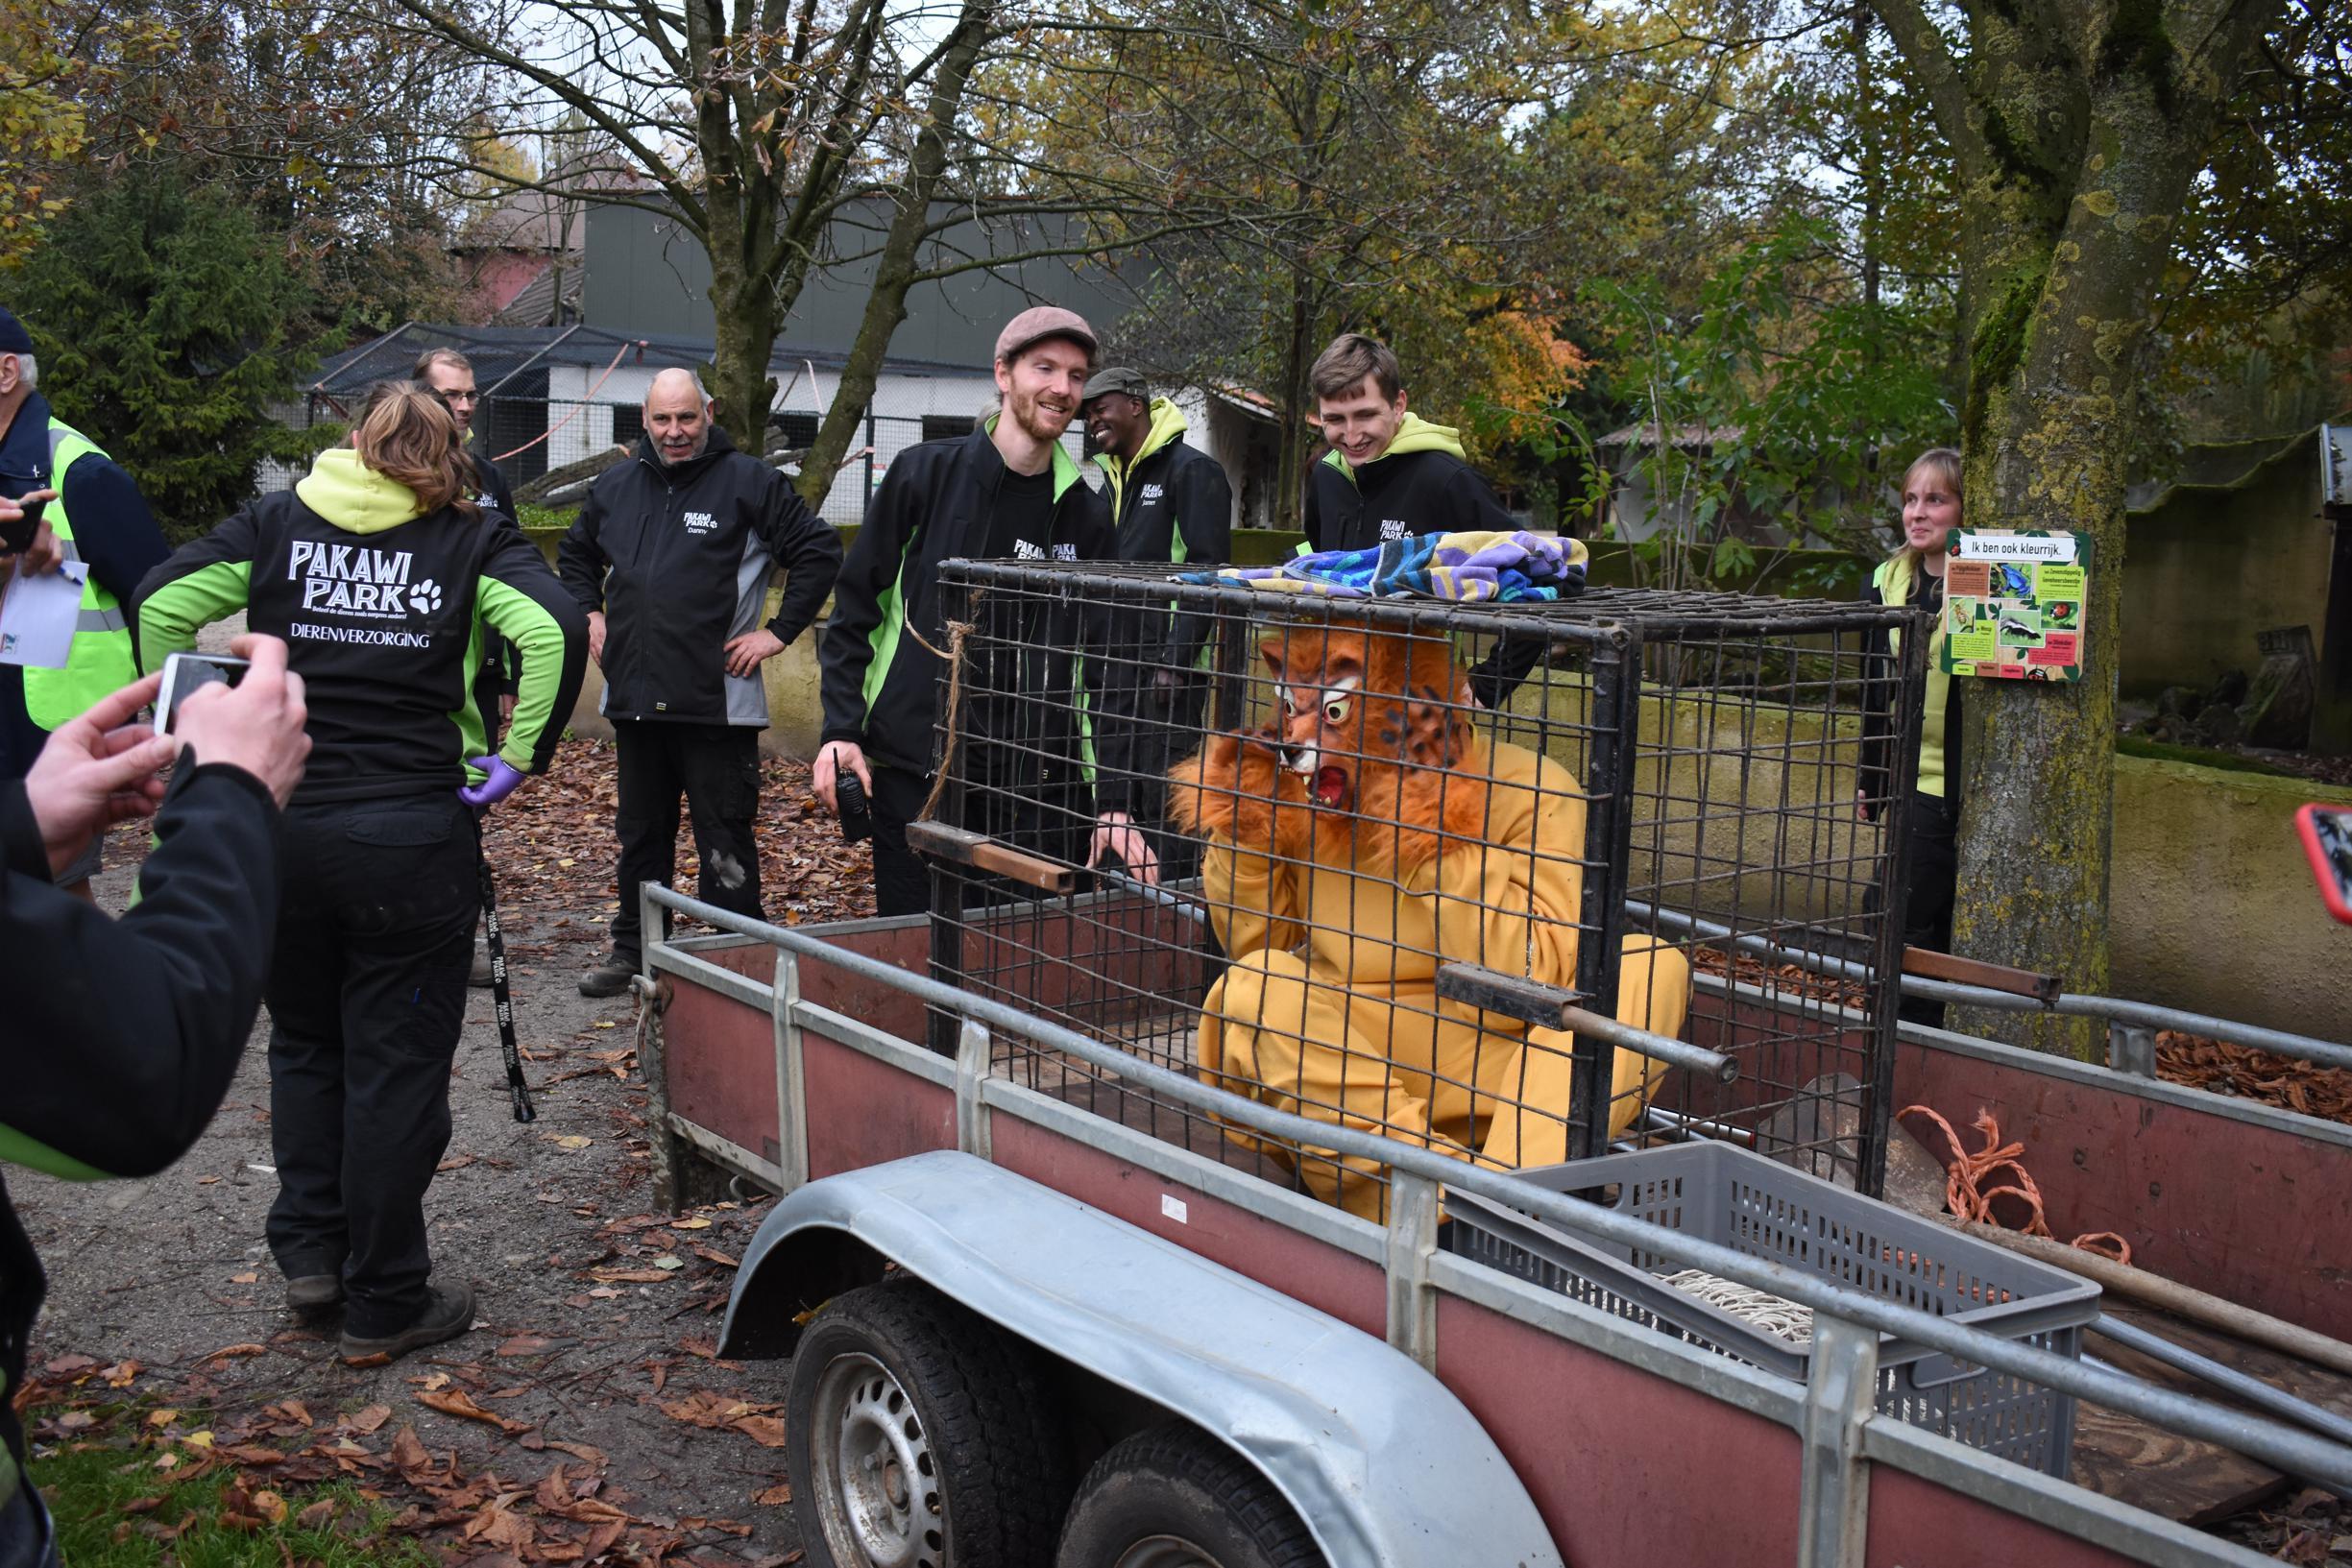 """Leeuw en chimpansee 'ontsnappen': """"bij een echt dier reageren we wellicht anders"""" - Het Nieuwsblad"""